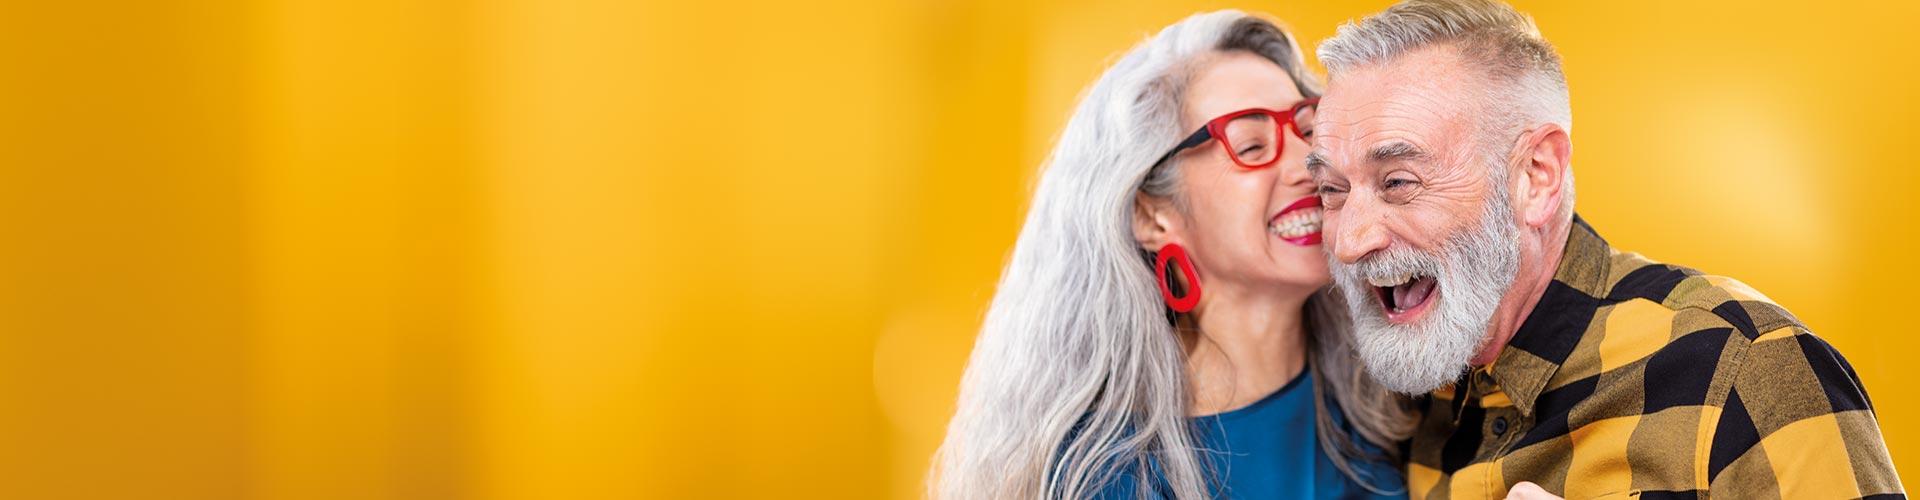 Kobieta w średnim wieku przytulająca przyjaciela i szeptająca mu do ucha. Mężczyzna nosi aparaty słuchowe Philips HearLink z możliwością ładowania.